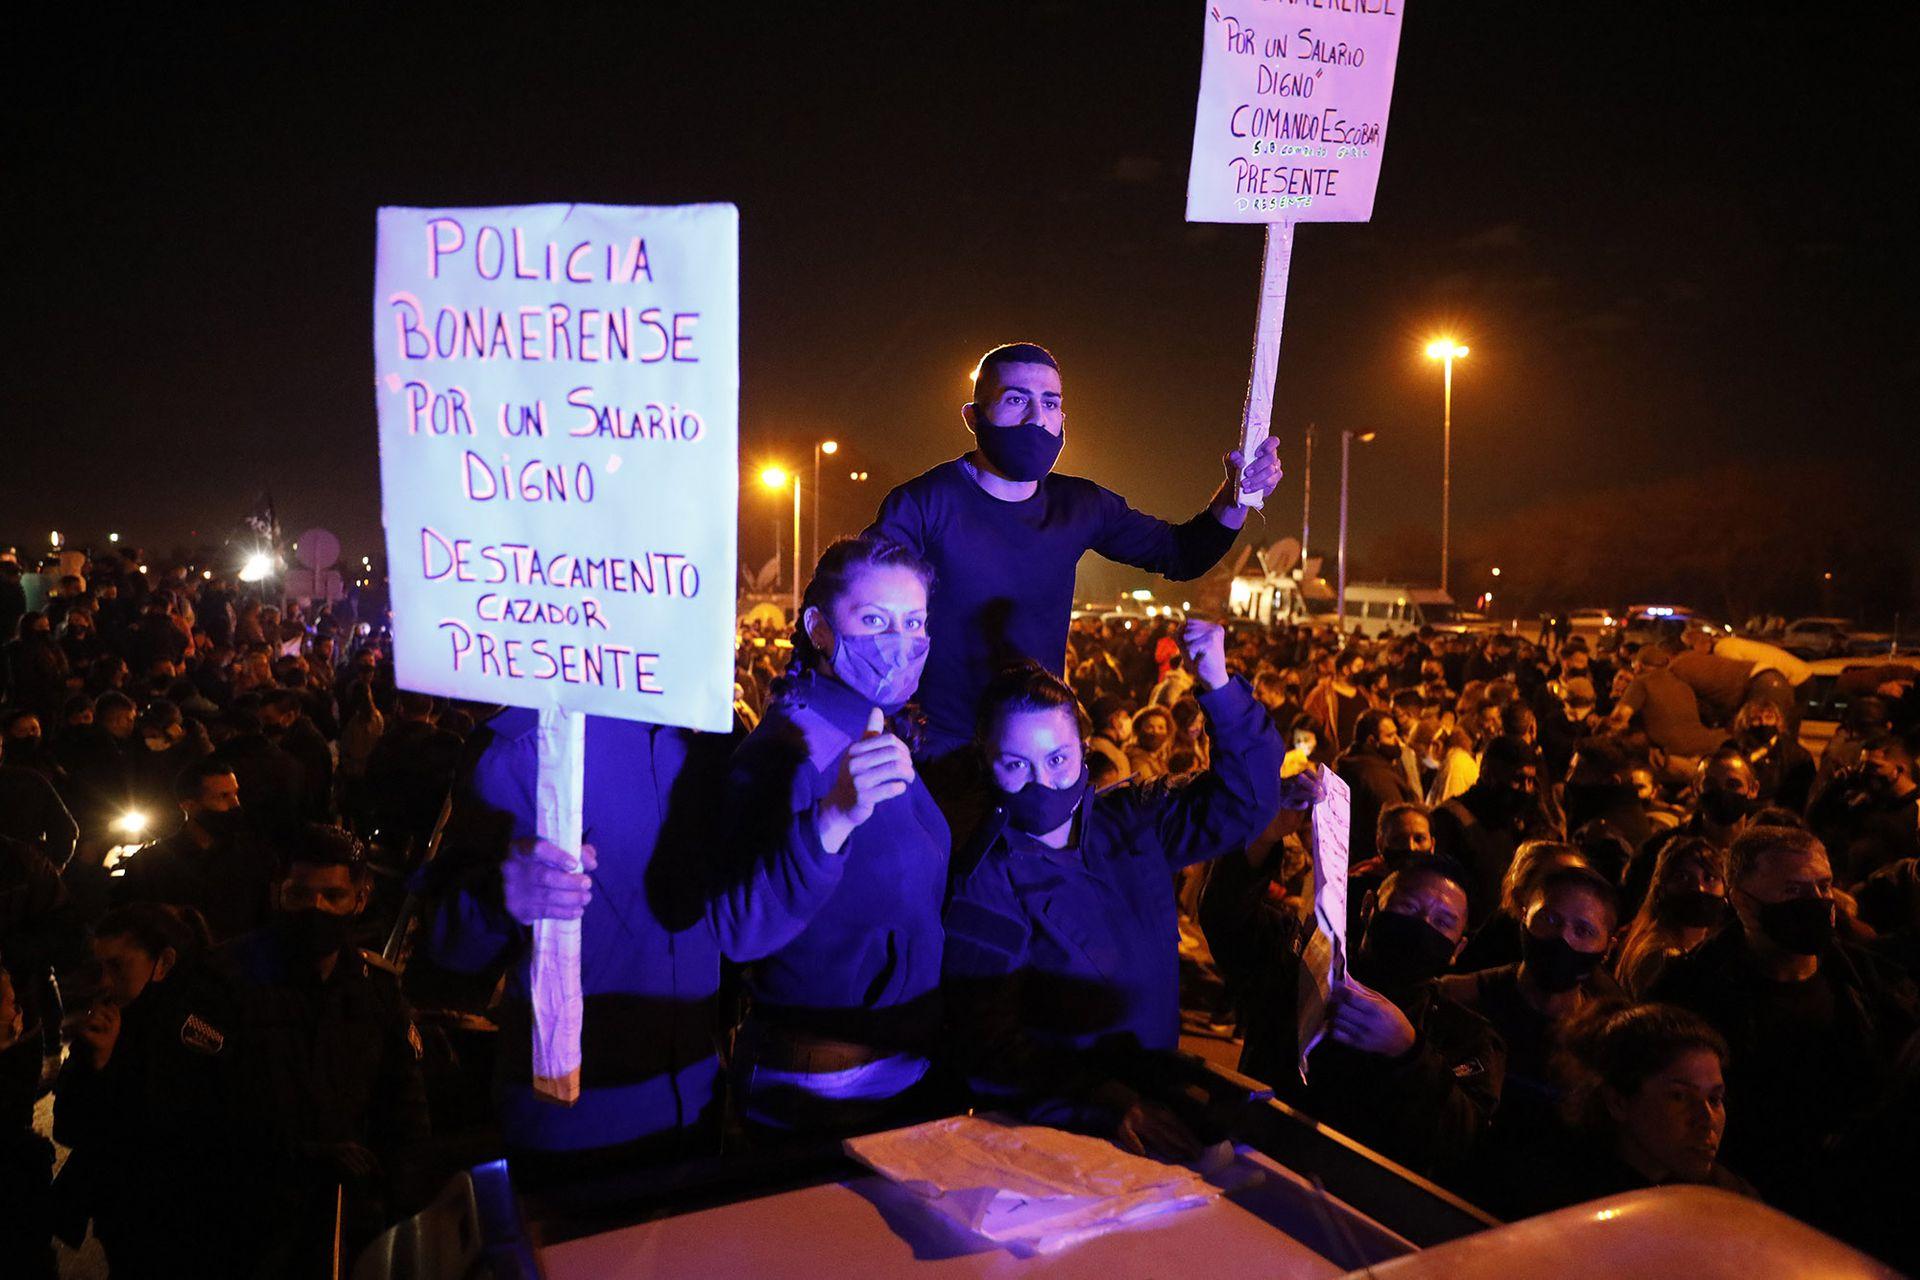 RECLAMO. La protesta de la policía bonaerense en La Matanza, que se saldó con la decisión del Gobierno de quitarle un punto de coparticipación a la Ciudad para dárselo a la provincia